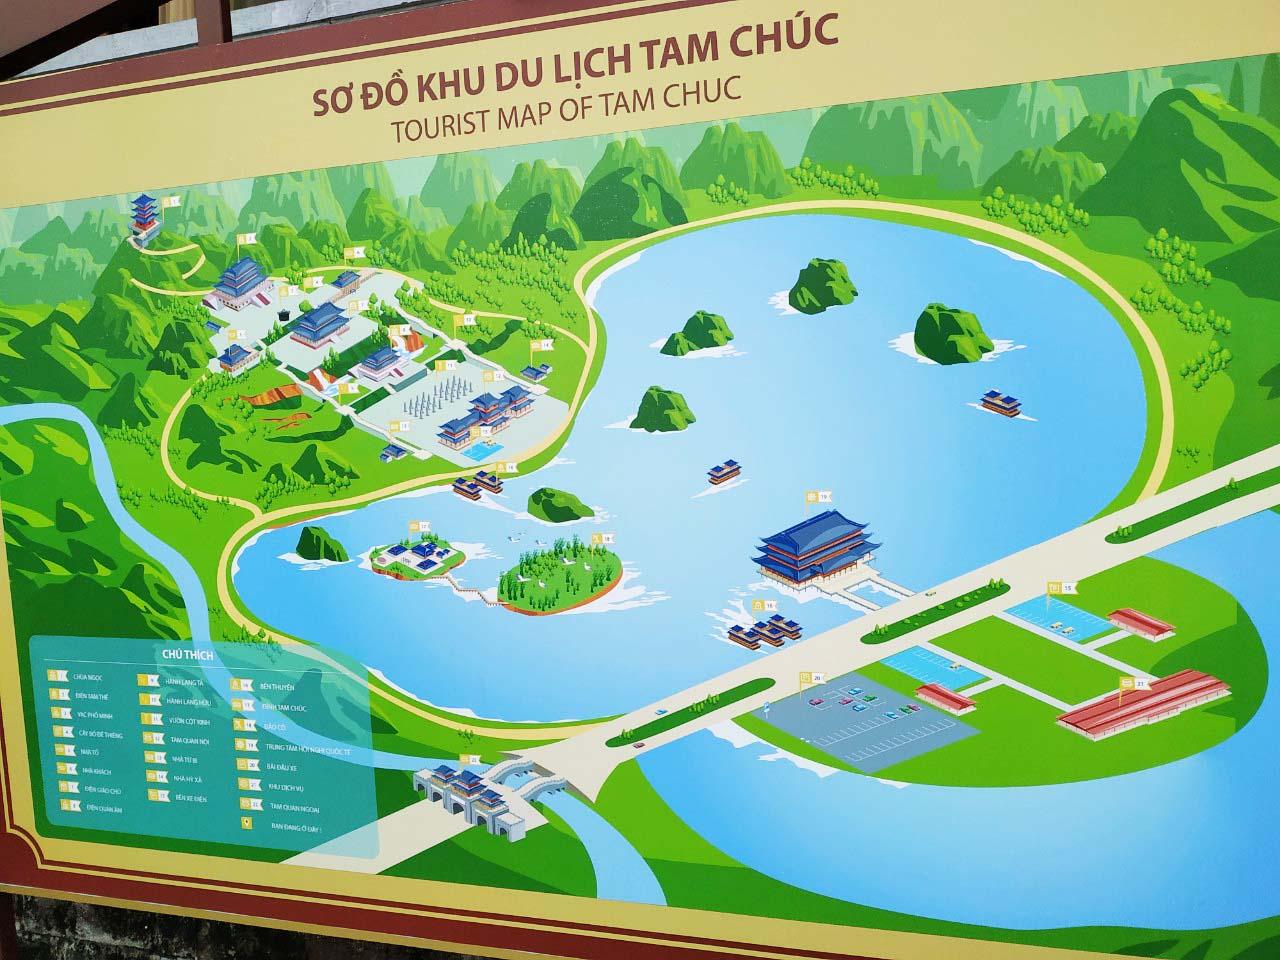 Khuông viên chùa Tam Chúc